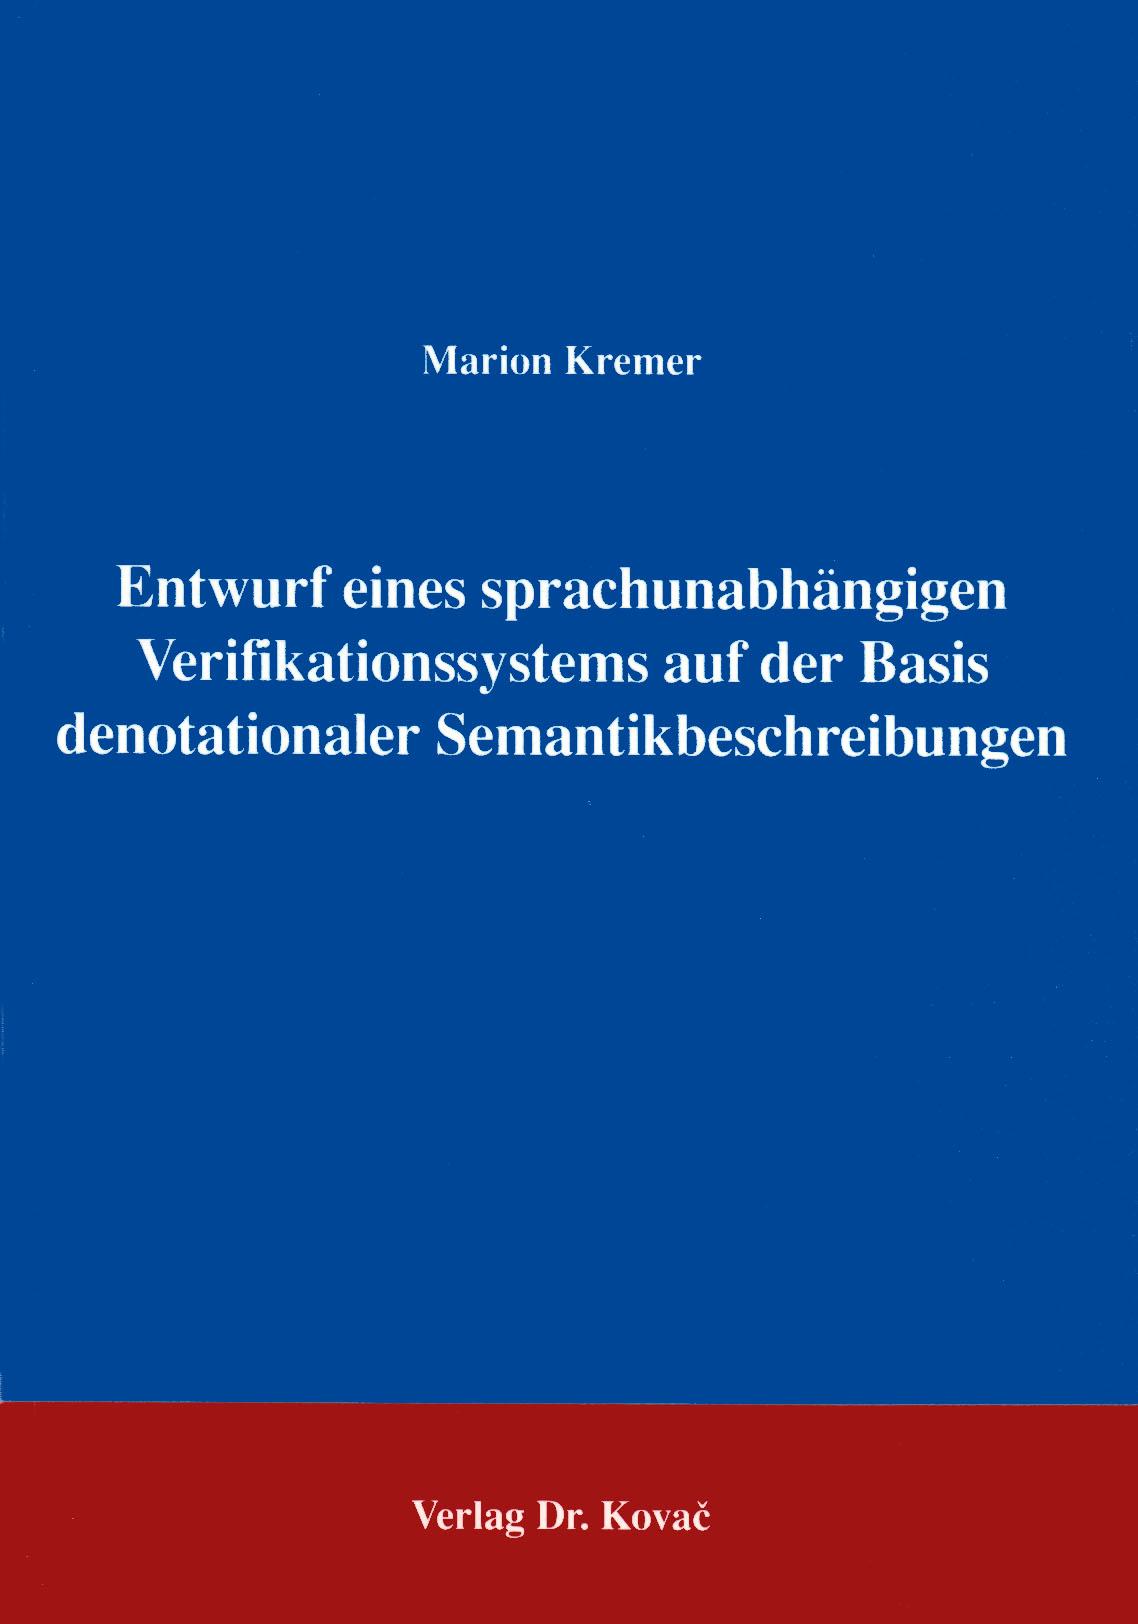 Cover: Entwurf eines sprachunabhängigen Verifikationssystems auf der Basis denotationaler Semantikbeschreibungen